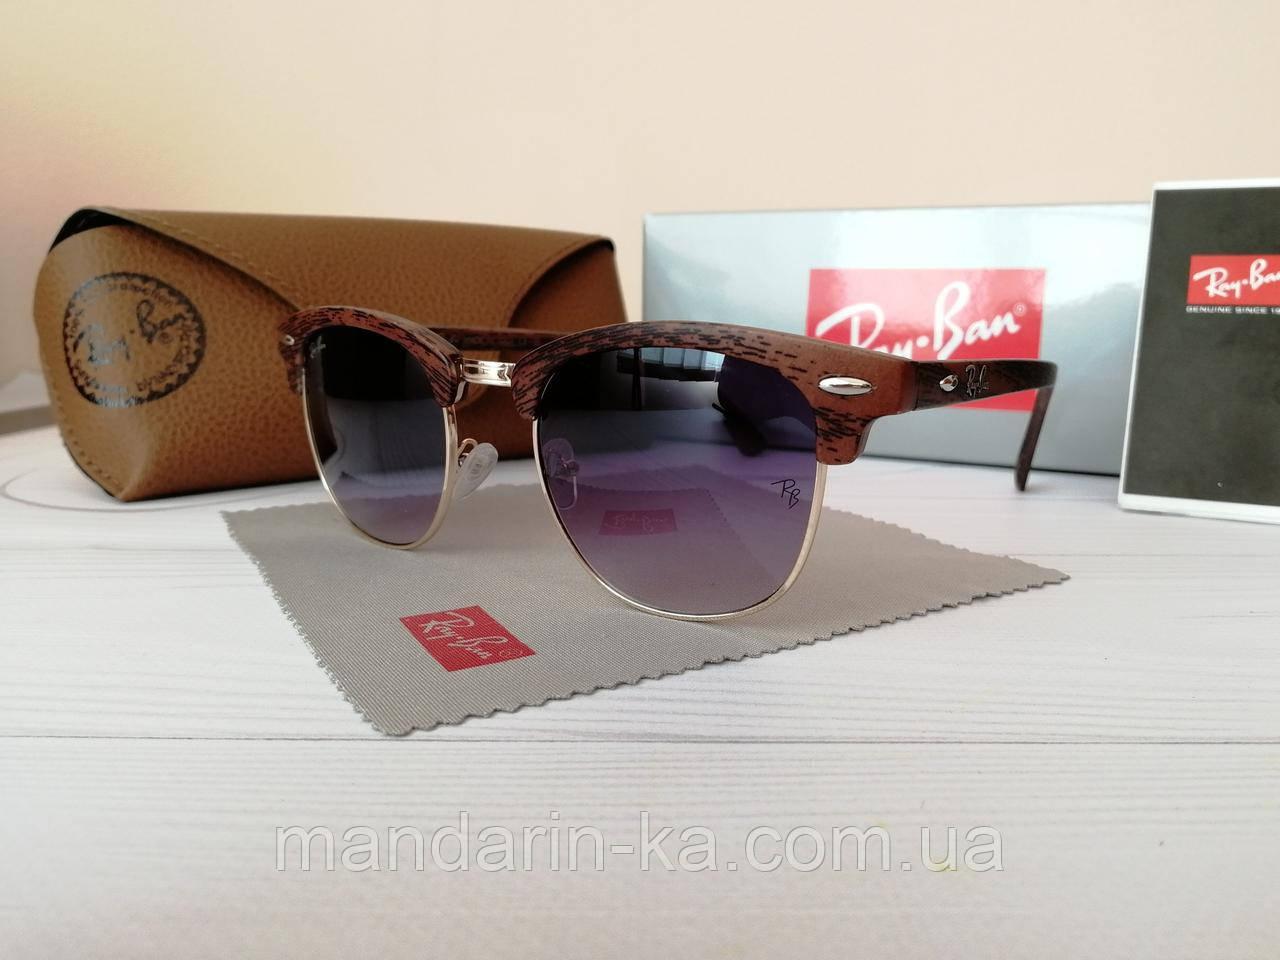 Очки унисекс солнцезащитные кламбастер фиолетовый градиент (реплика)